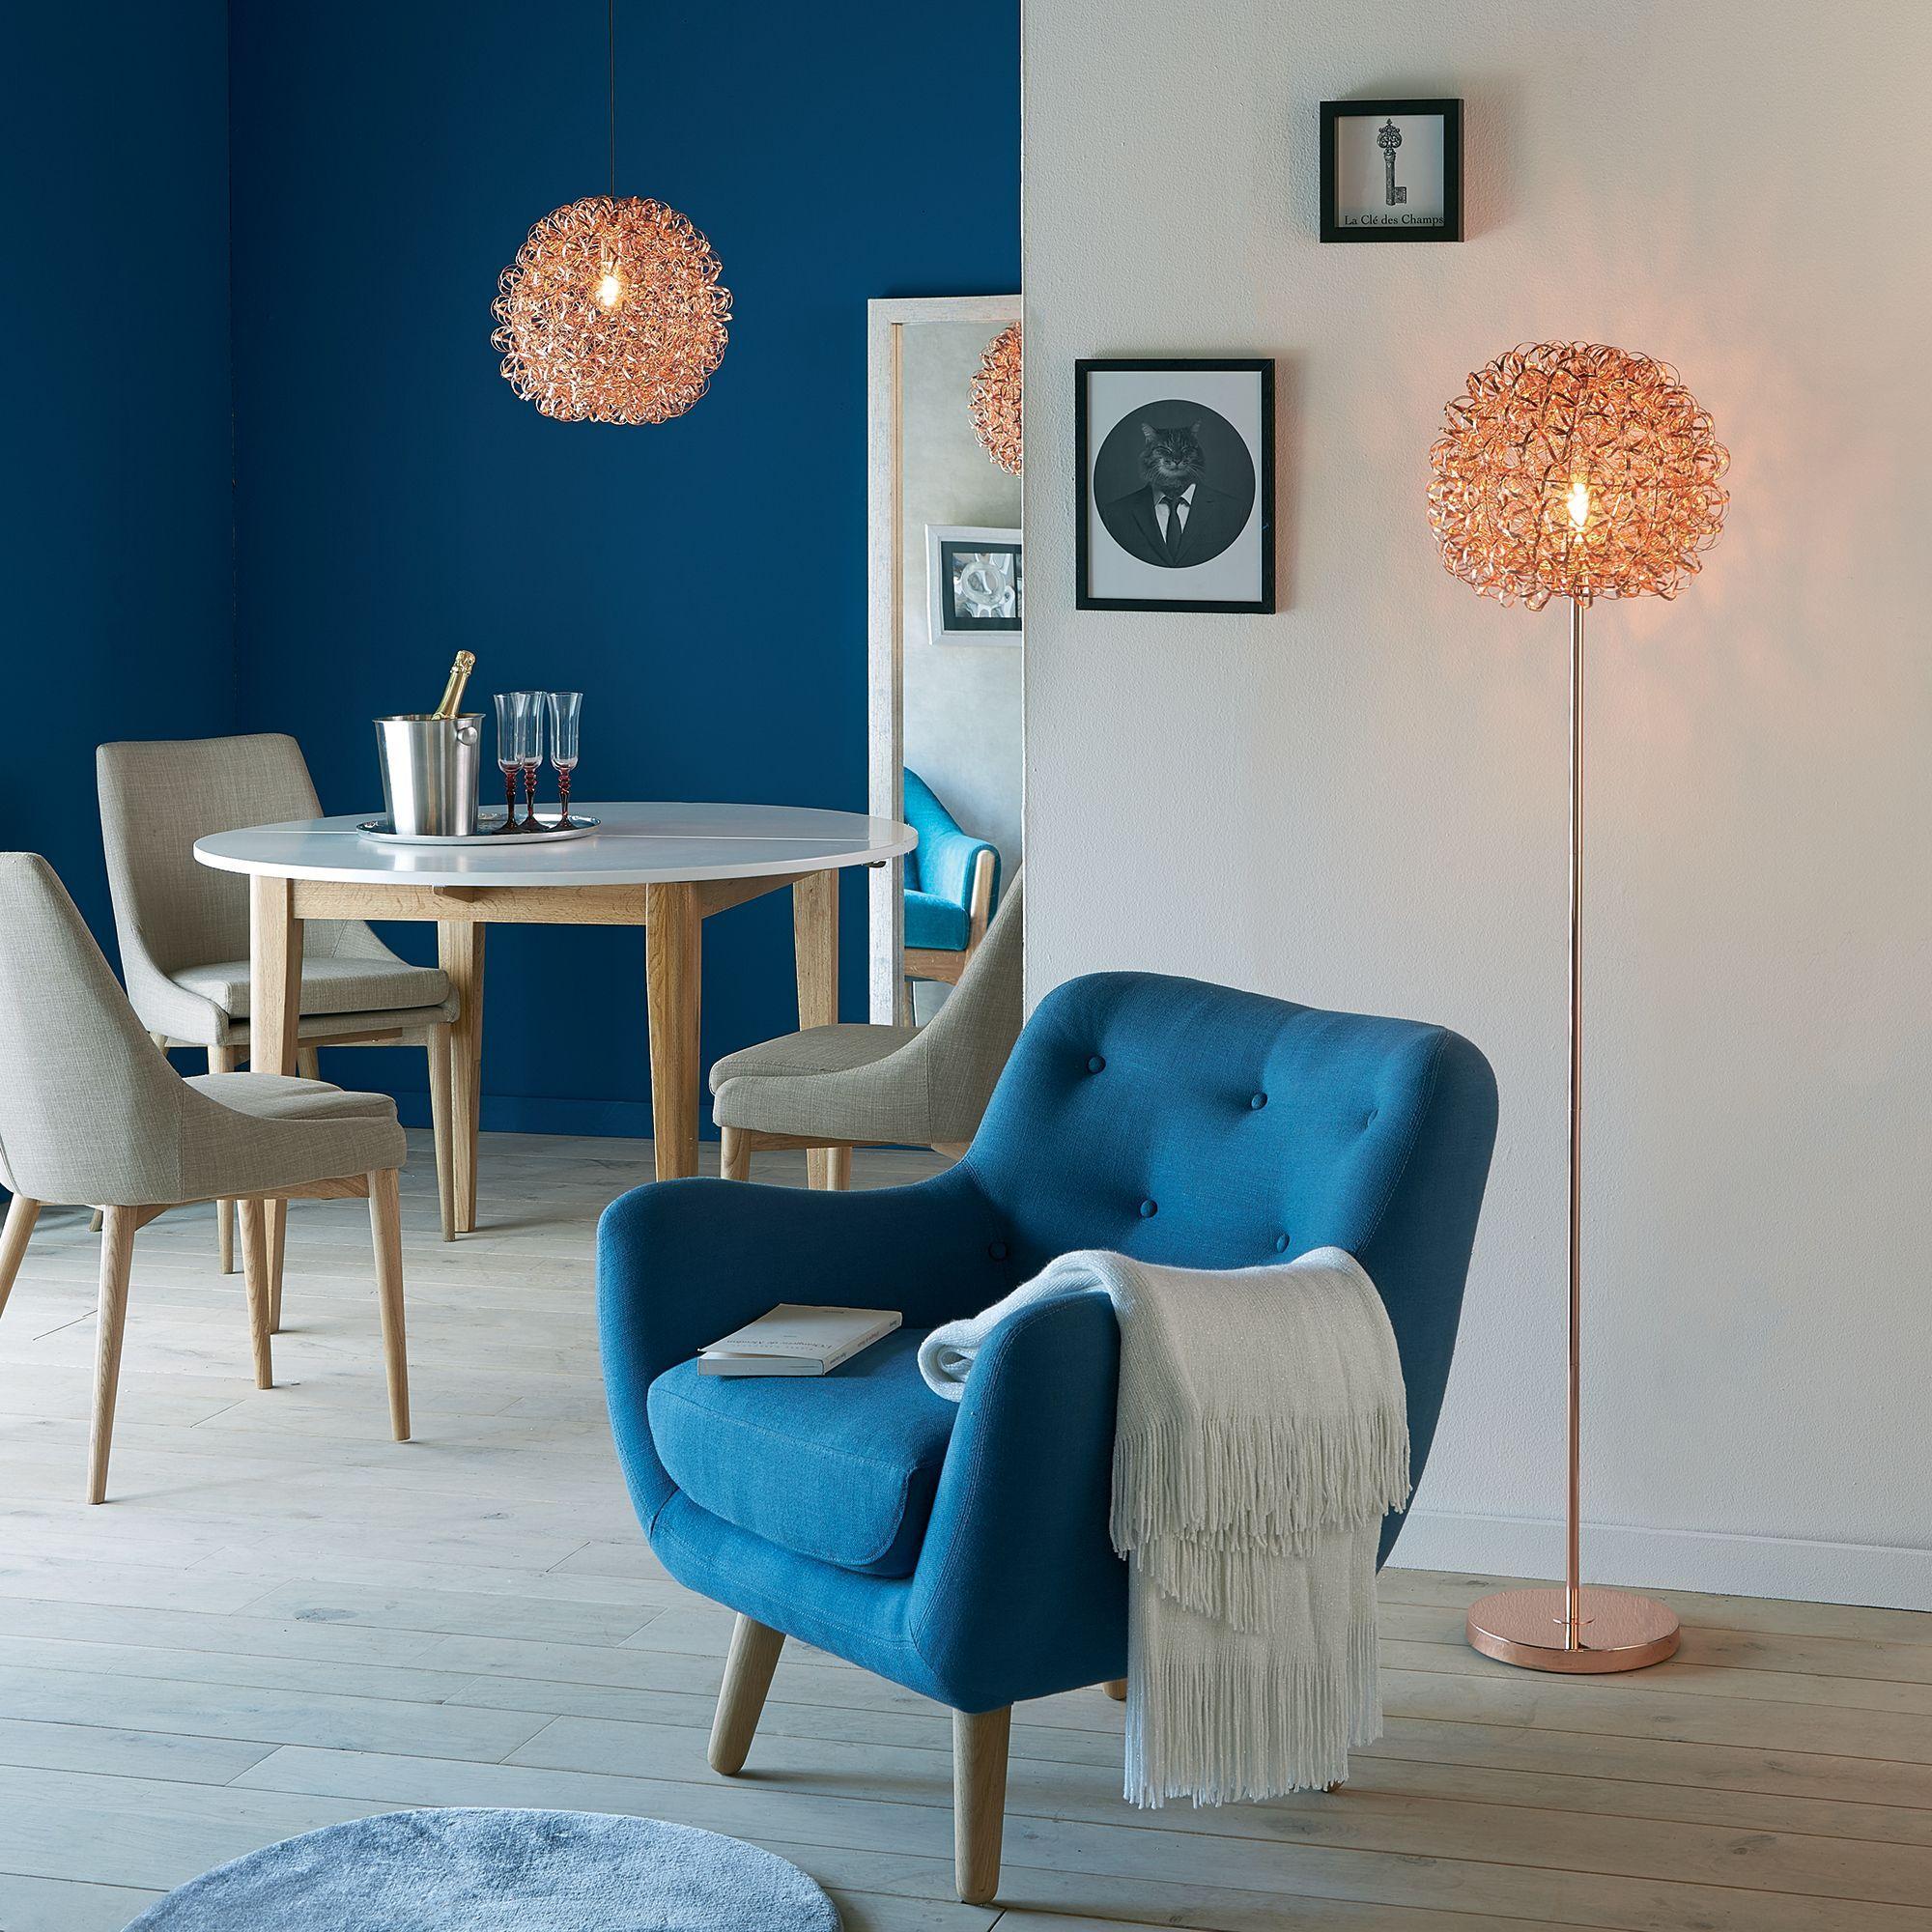 Fauteuil Esprit Scandinave Bleu Petrole Poppy Meuble Fauteuils Fauteuils Decoration Interieure Meuble Deco Deco Maison